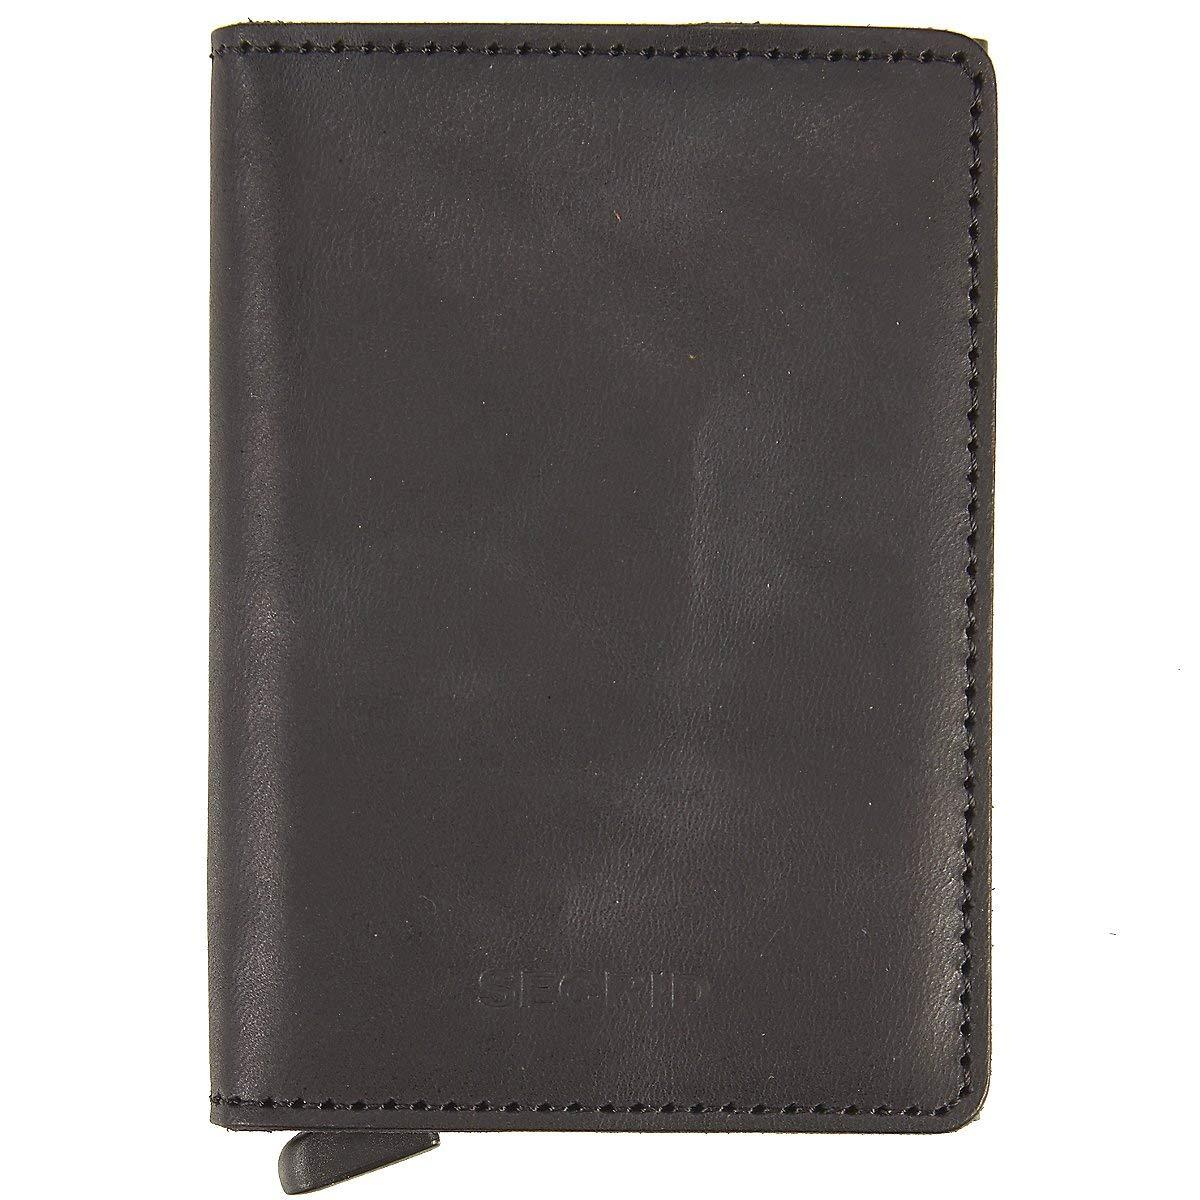 Secrid Slim Wallet Leather Vintage Black, Rfid Safe Card Case